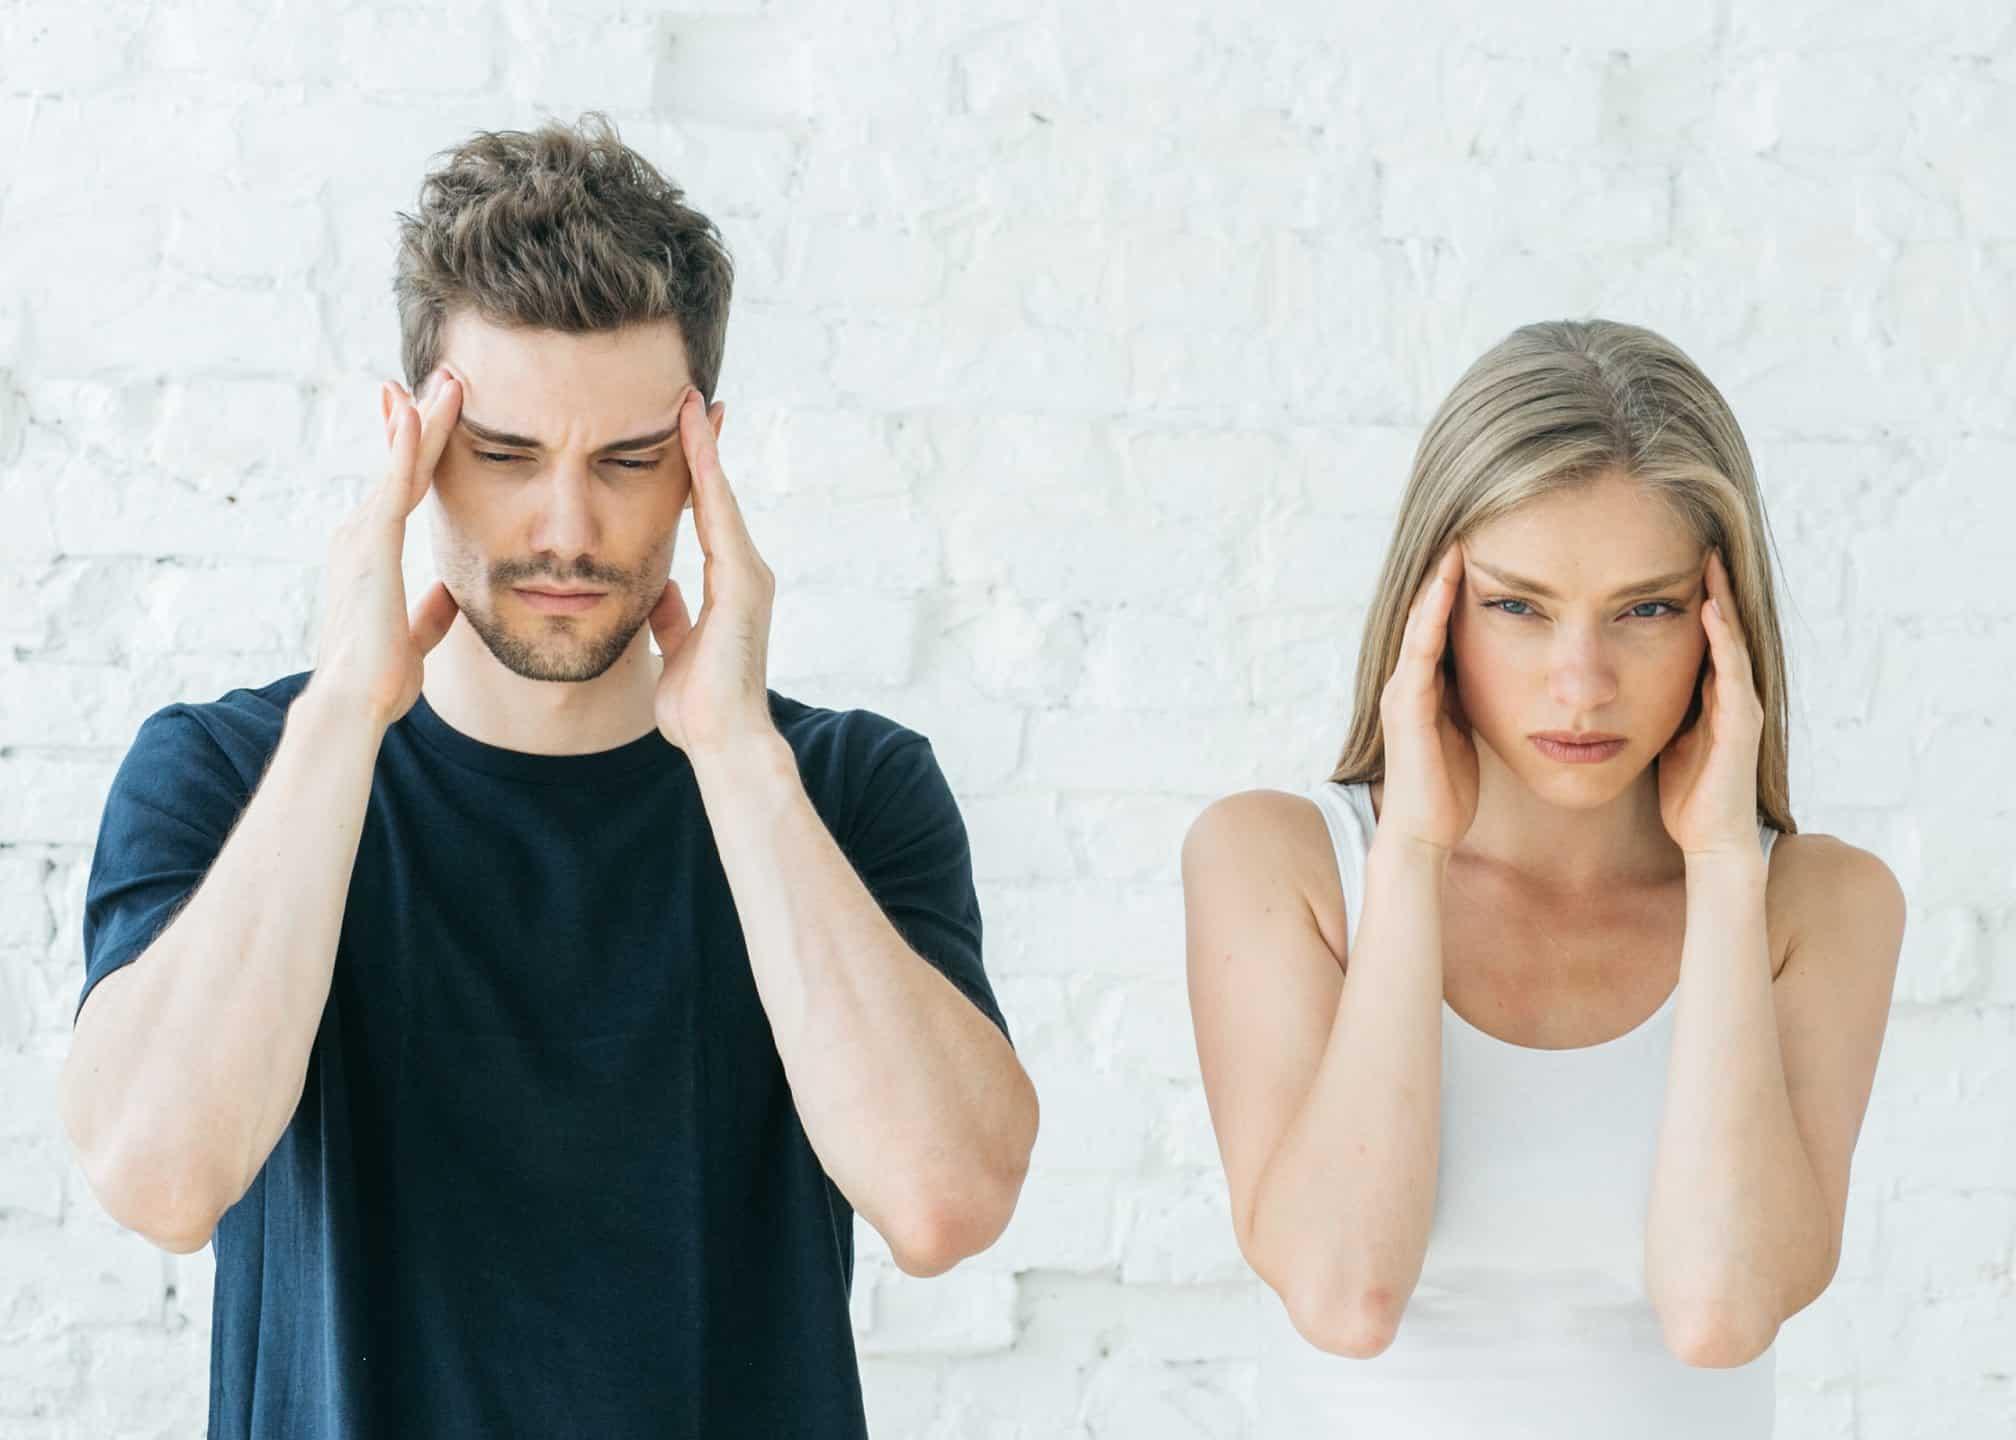 כאבי ראש: מי סובל מהם יותר, נשים או גברים?